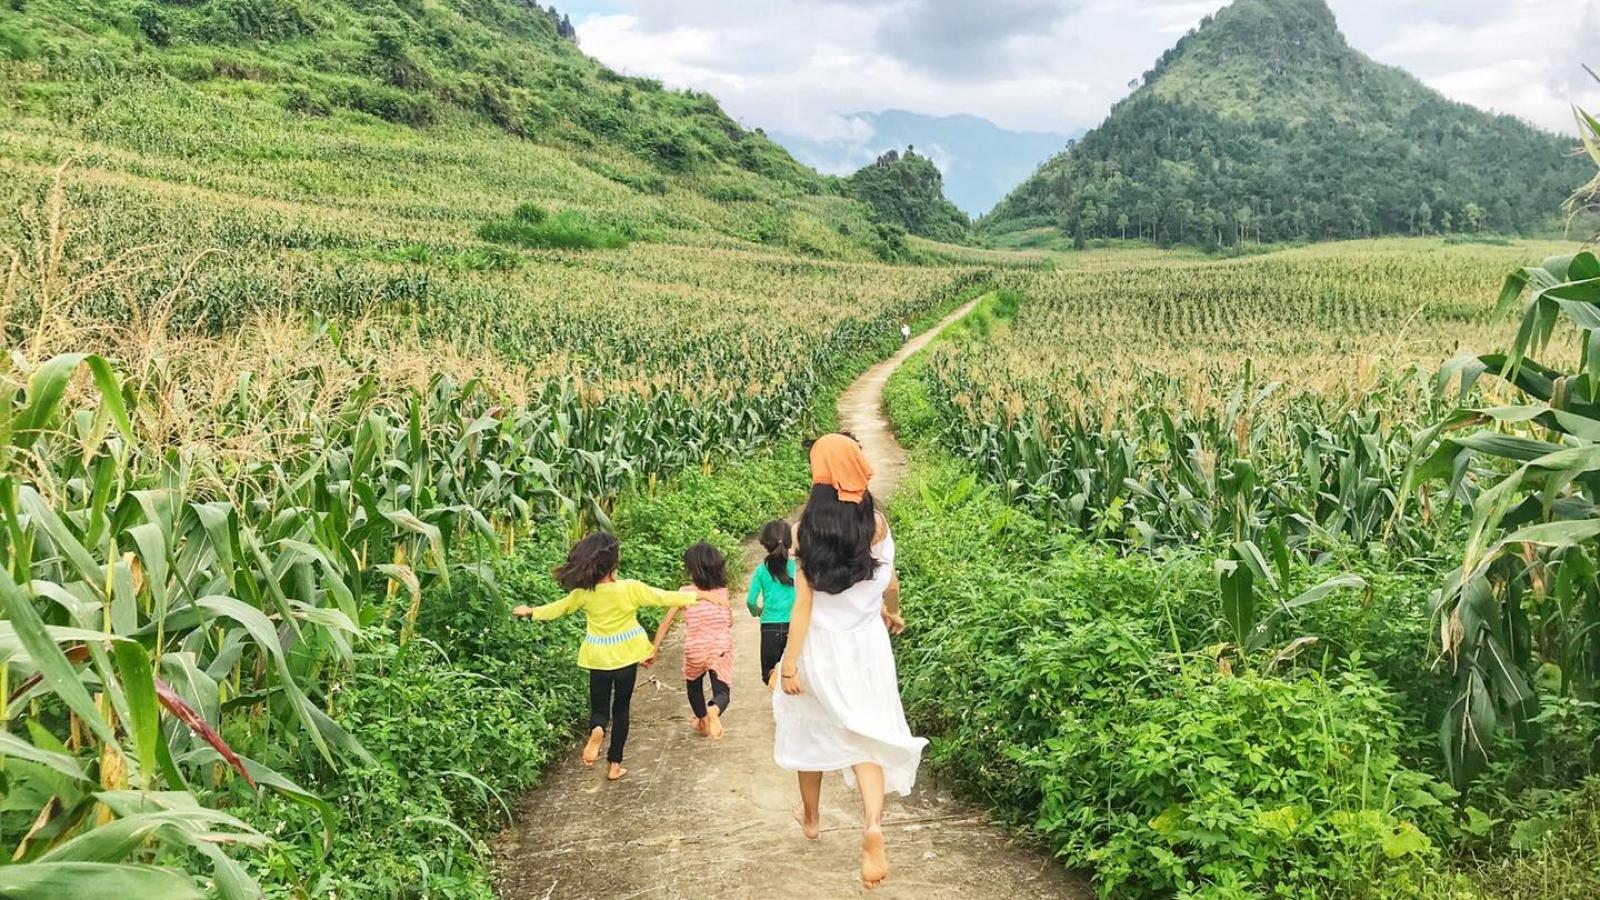 Rời thành phố chật chội để sốngbình yên tạiNặmĐăm, Hà Giang